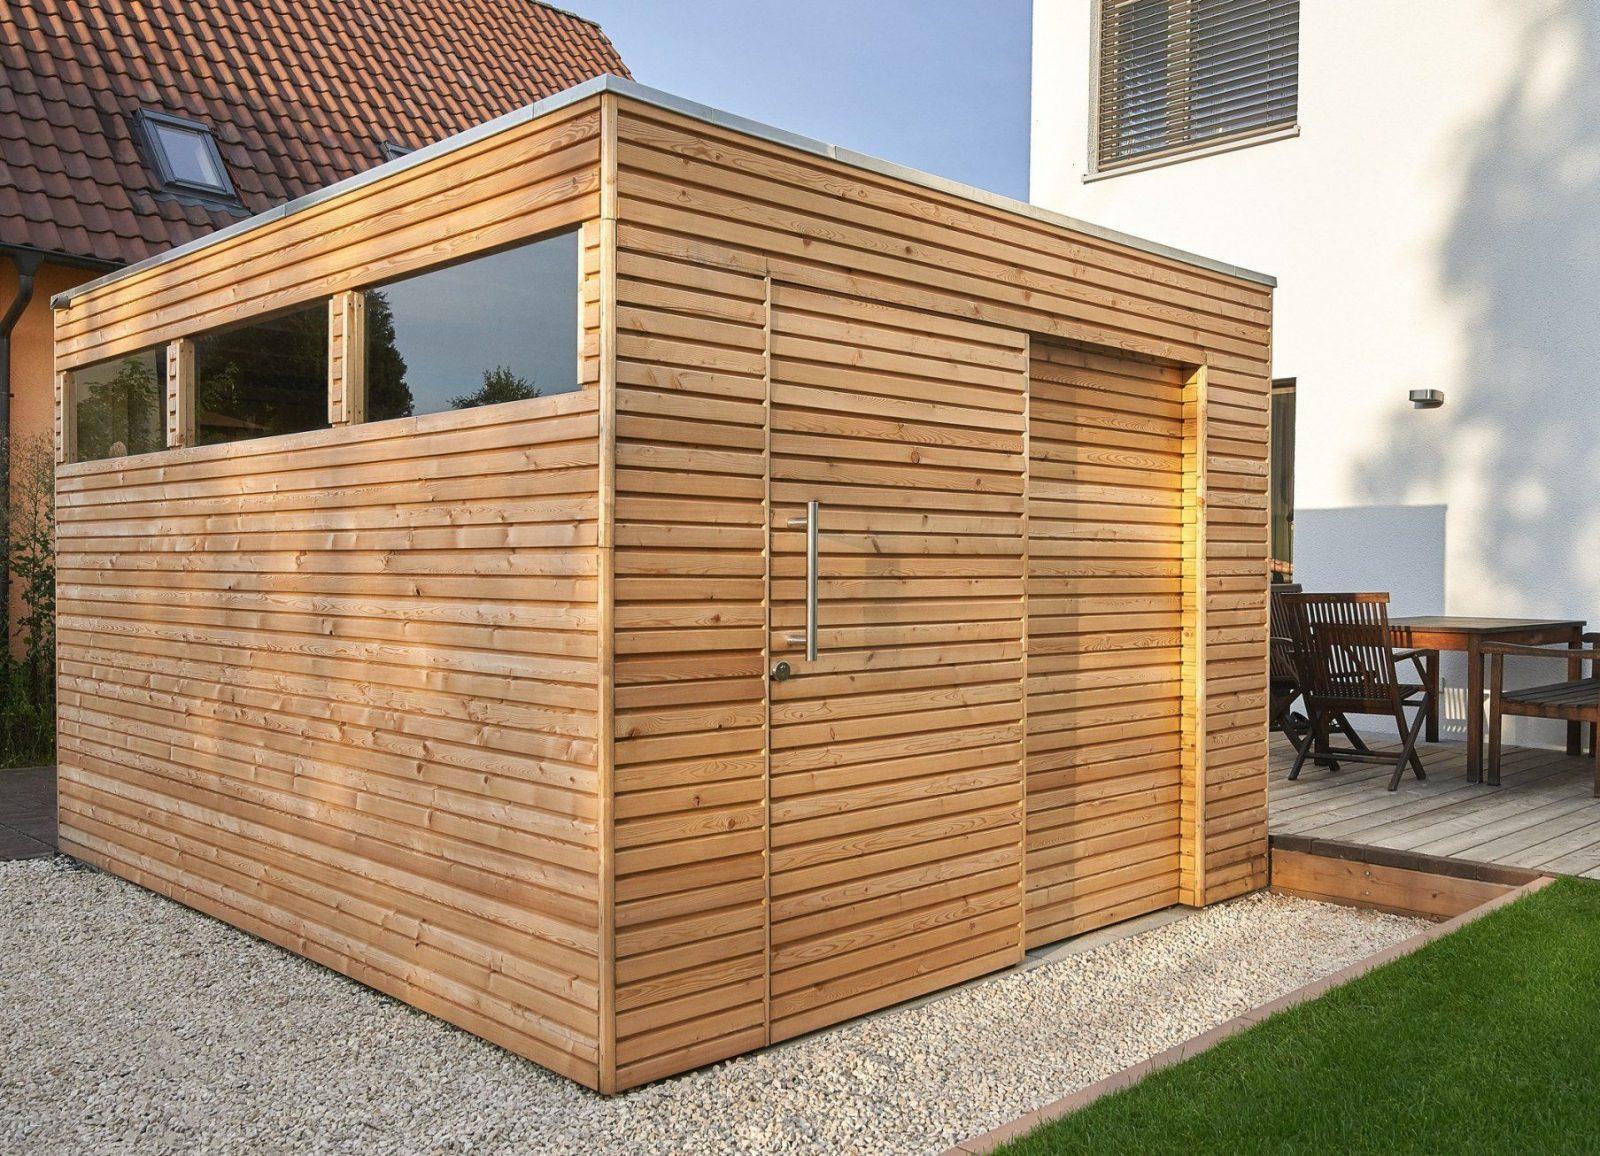 Holz Geräteschuppen Elegant Gartenhaus Flachdach Selber Bauen von Holzhaus Selber Bauen Anleitung Bild